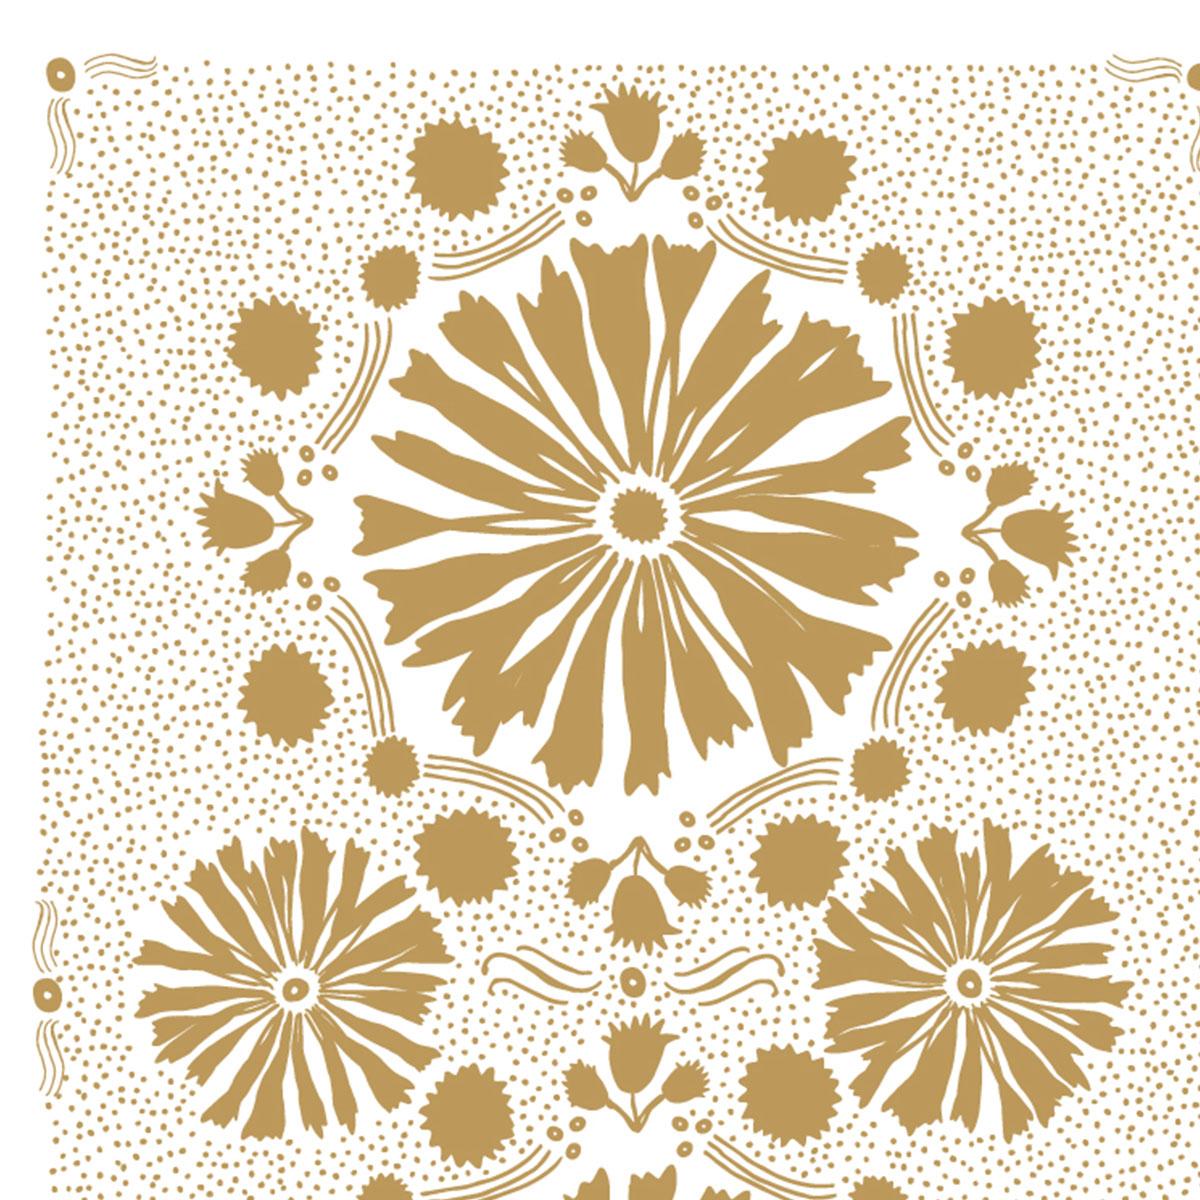 annaj_floral_bandana_print_3.jpg